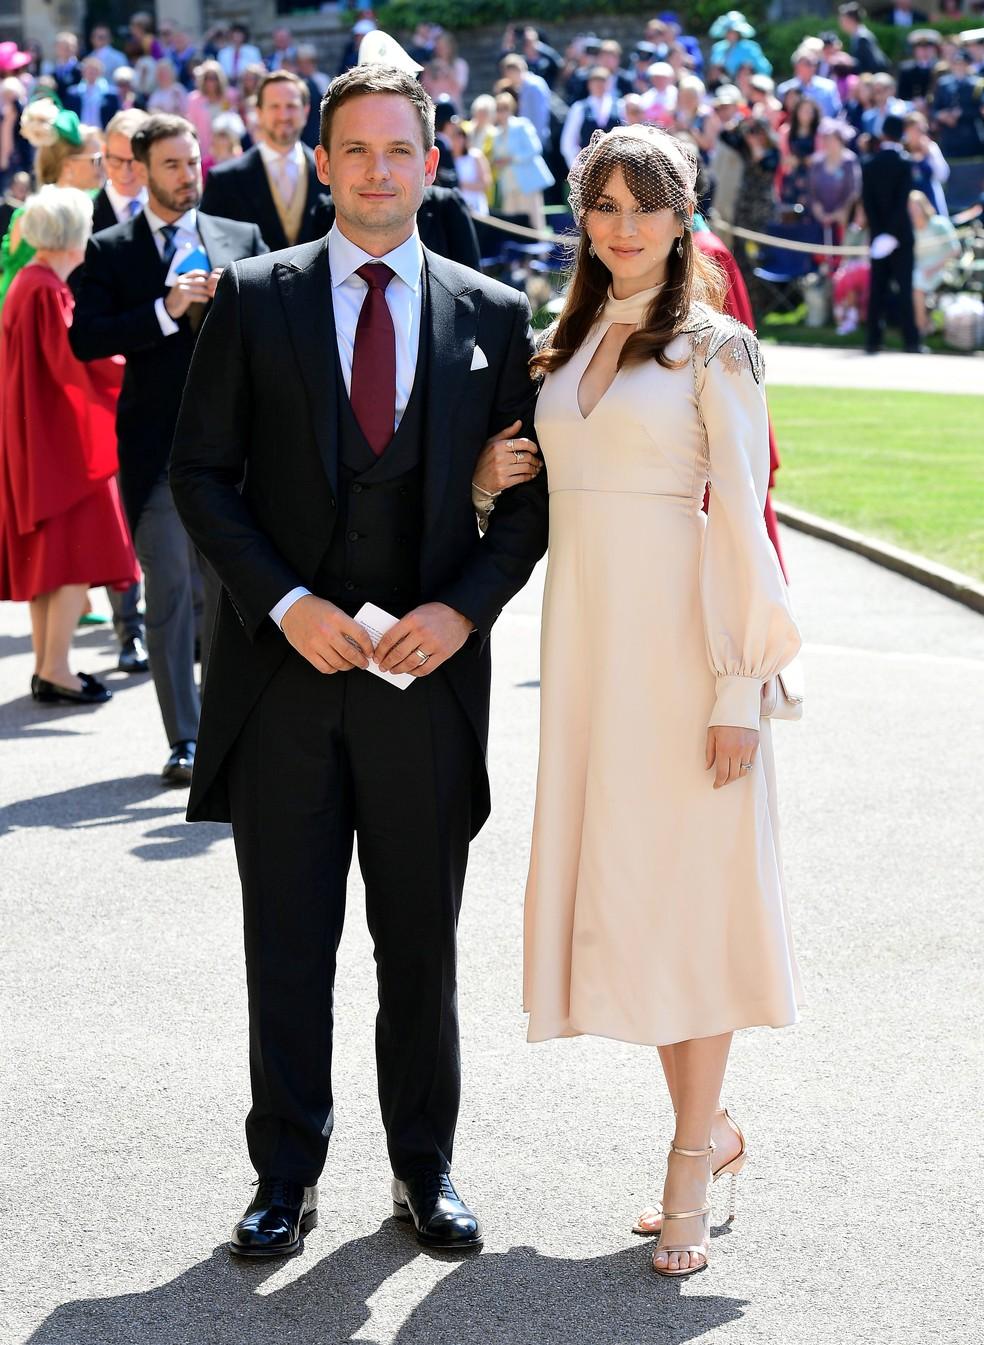 Patrick J. Adams, ator que também participou da série Suits, e sua mulher Troian Bellisario (Foto: Ian West/pool photo via AP)